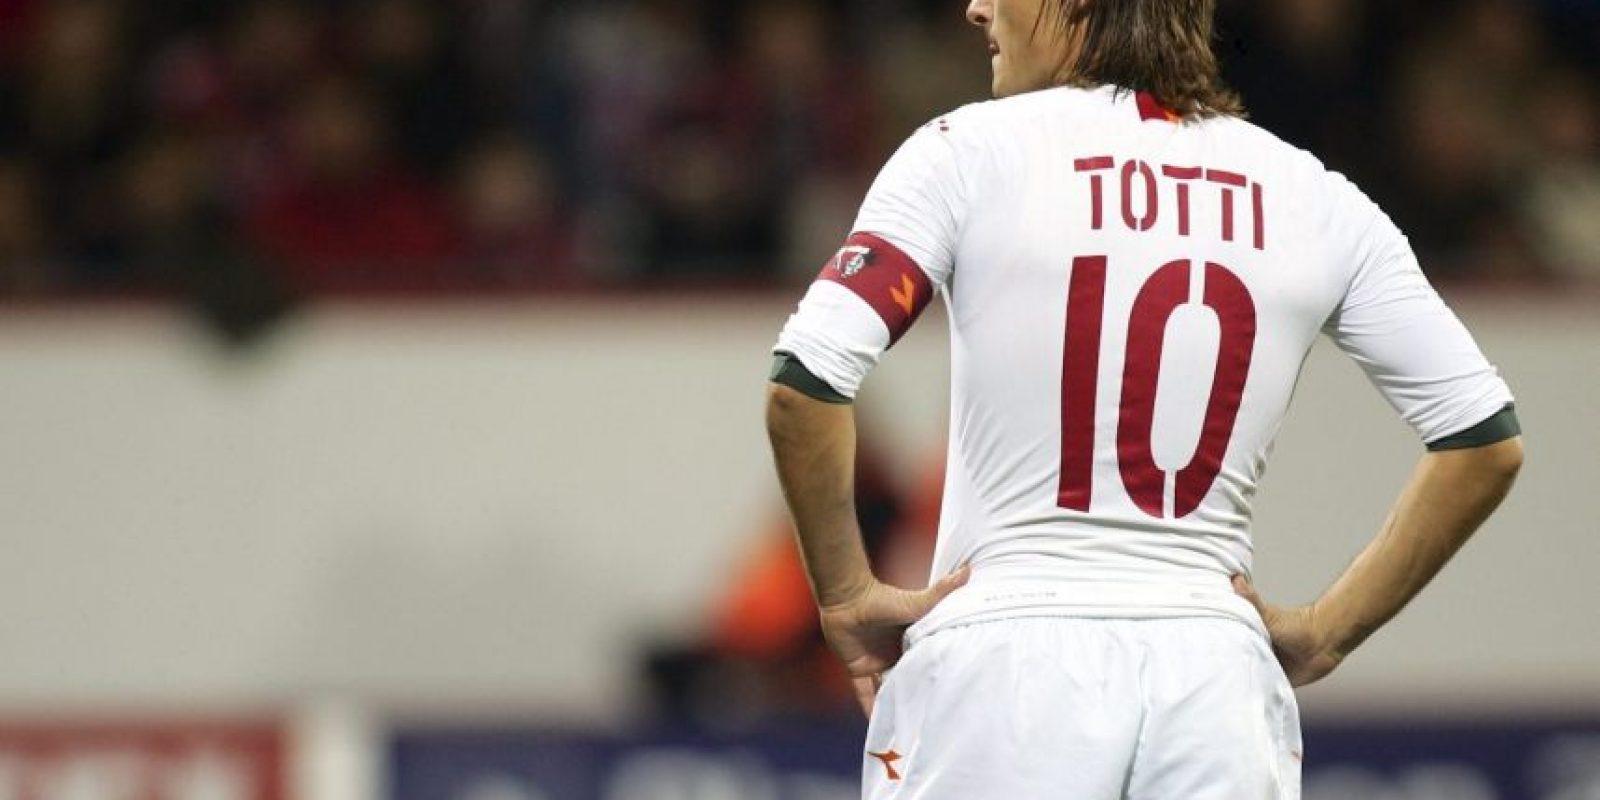 Deslumbrando con su talento, Real Madrid puso sus ojos en él y Francesco Totti rechazó la oferta que le hicieron a inicios de la temporada 2000/01. Luego tampoco quiso irse a Inter de Milán. Antes, cuando era un juvenil, su madre no lo dejó ir a AC Milán para que estuviera cerca de su familia y pudiera debutar en el club de sus amores. Foto:Getty Images